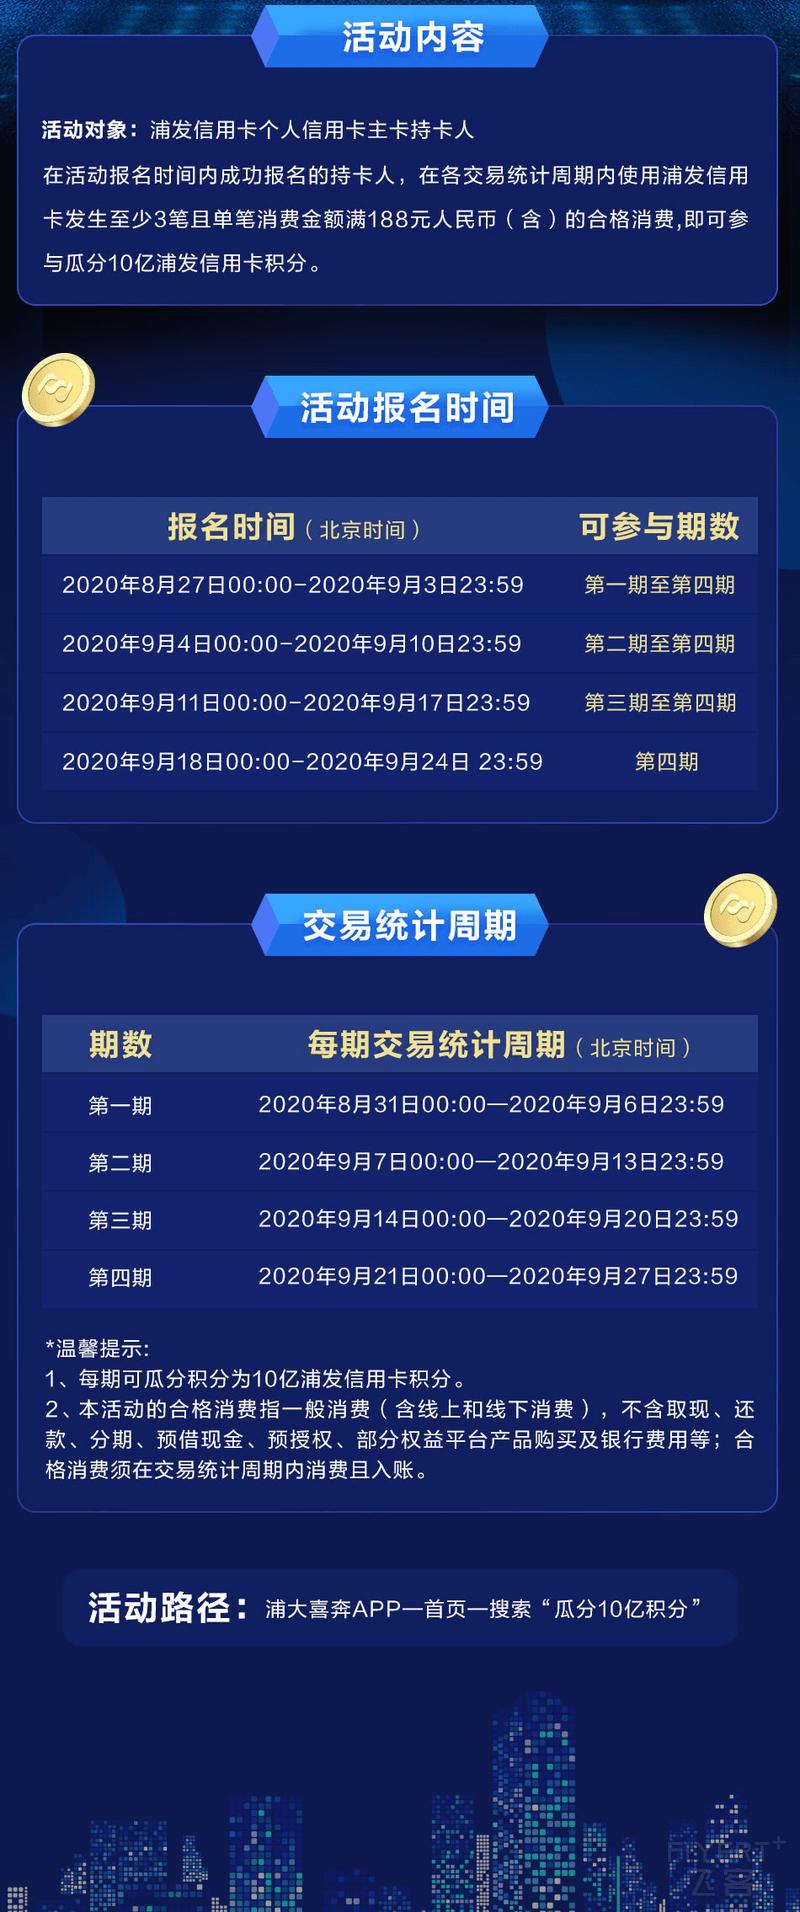 9b0b8204-ca33-40fe-9704-5e439f99ac8d.png